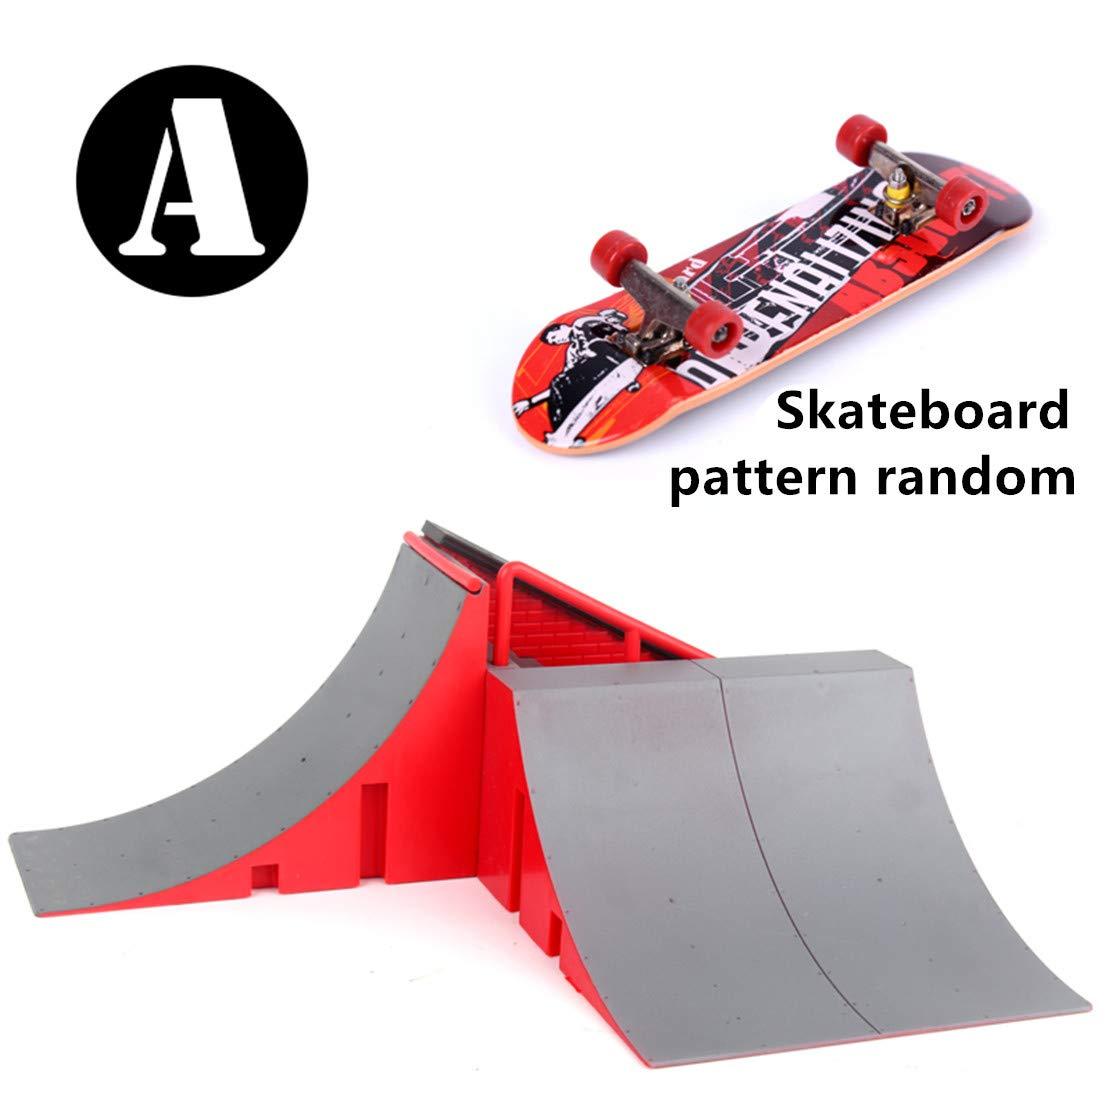 Lethend Skate Park Kit Ramp Parts for Fingerboard, Mini Finger Skateboard Fingerboards Ultimate Parks Training Props, Interesting Indoor Toys for Boys (Type A) by Lethend